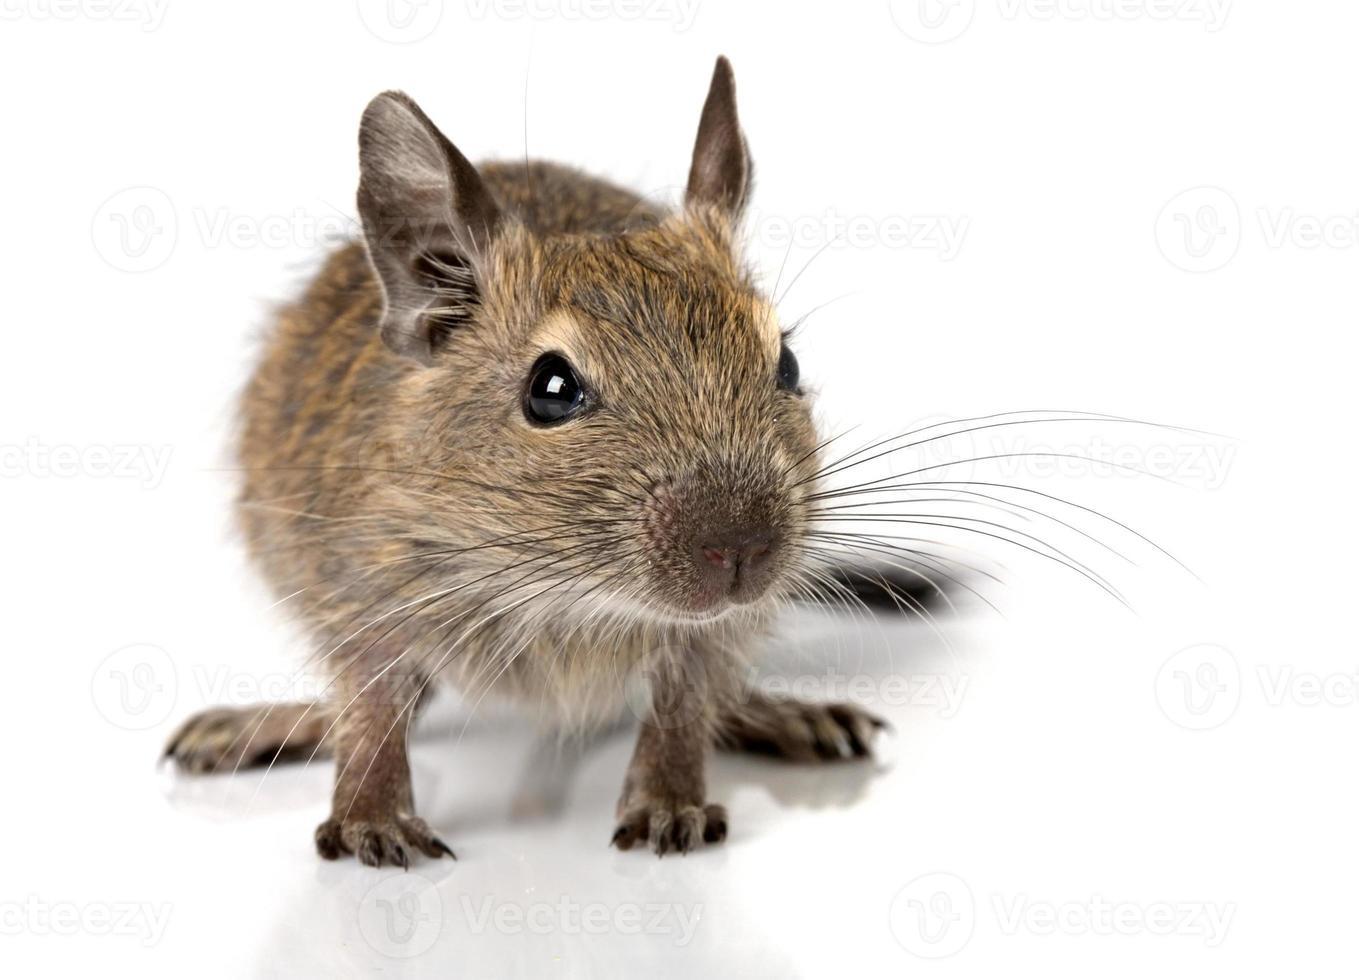 söt liten baby gnagare degu husdjur närbild foto